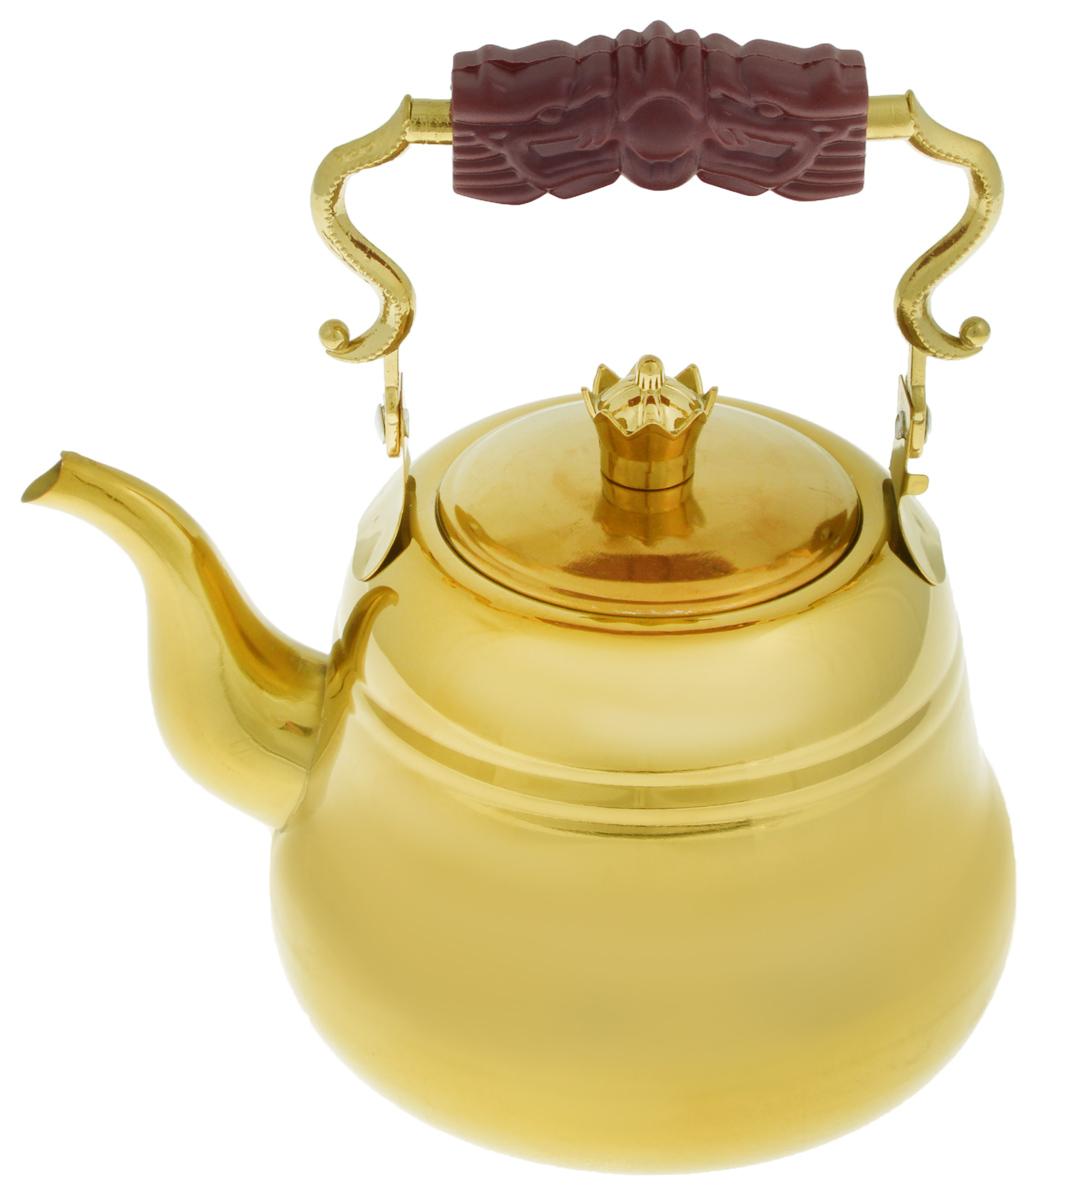 Чайник заварочный Mayer & Boch, с фильтром, 1 л. 11101110Заварочный чайник Mayer & Boch выполнен из высококачественной нержавеющей стали, что делает его весьма гигиеничными и устойчивыми к износу при длительном использовании. Гладкая поверхность существенно облегчает уход. Выполненный из качественных материалов изделие при кипячении сохраняет все полезные свойства воды. Чайник имеет вынимающийся фильтр и крышку из нержавеющей стали. Ручка изготовлена из нержавеющей стали с бакелитовой вставкой. Изделие можно мыть в посудомоечной машине. Диаметр основания чайника: 10 см. Высота чайника (с учетом ручки): 19 см. Высота чайника (без учета ручки и носика): 11 см. Диаметр чайника (по верхнему краю): 7 см.